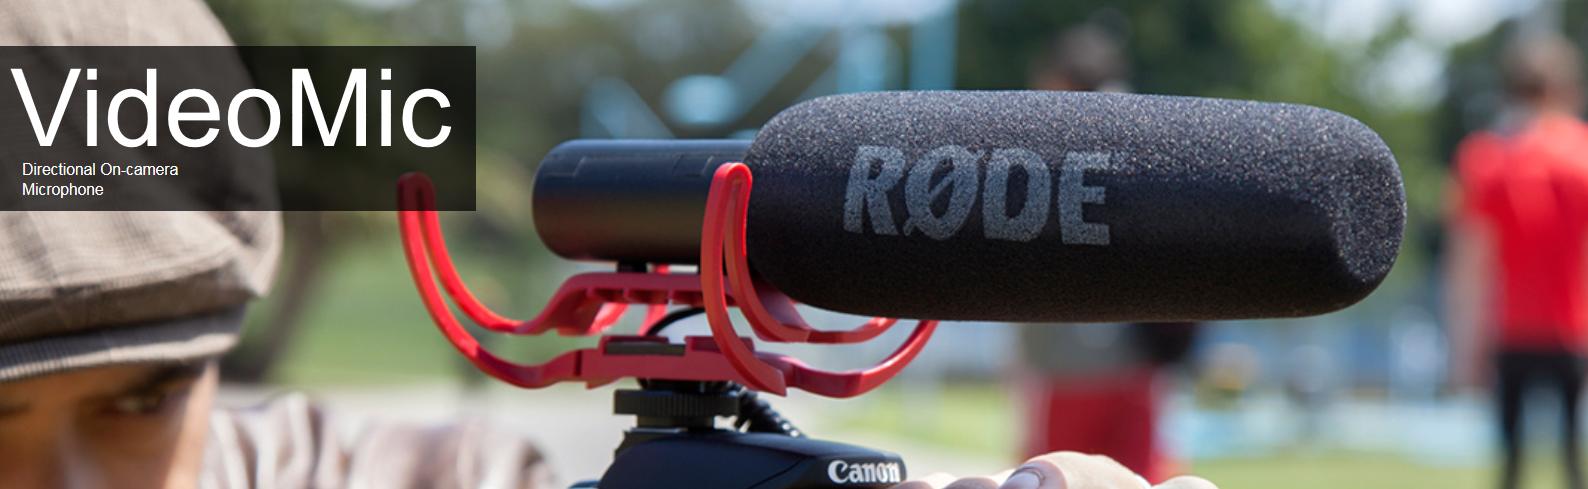 rode videomic pro plus manual